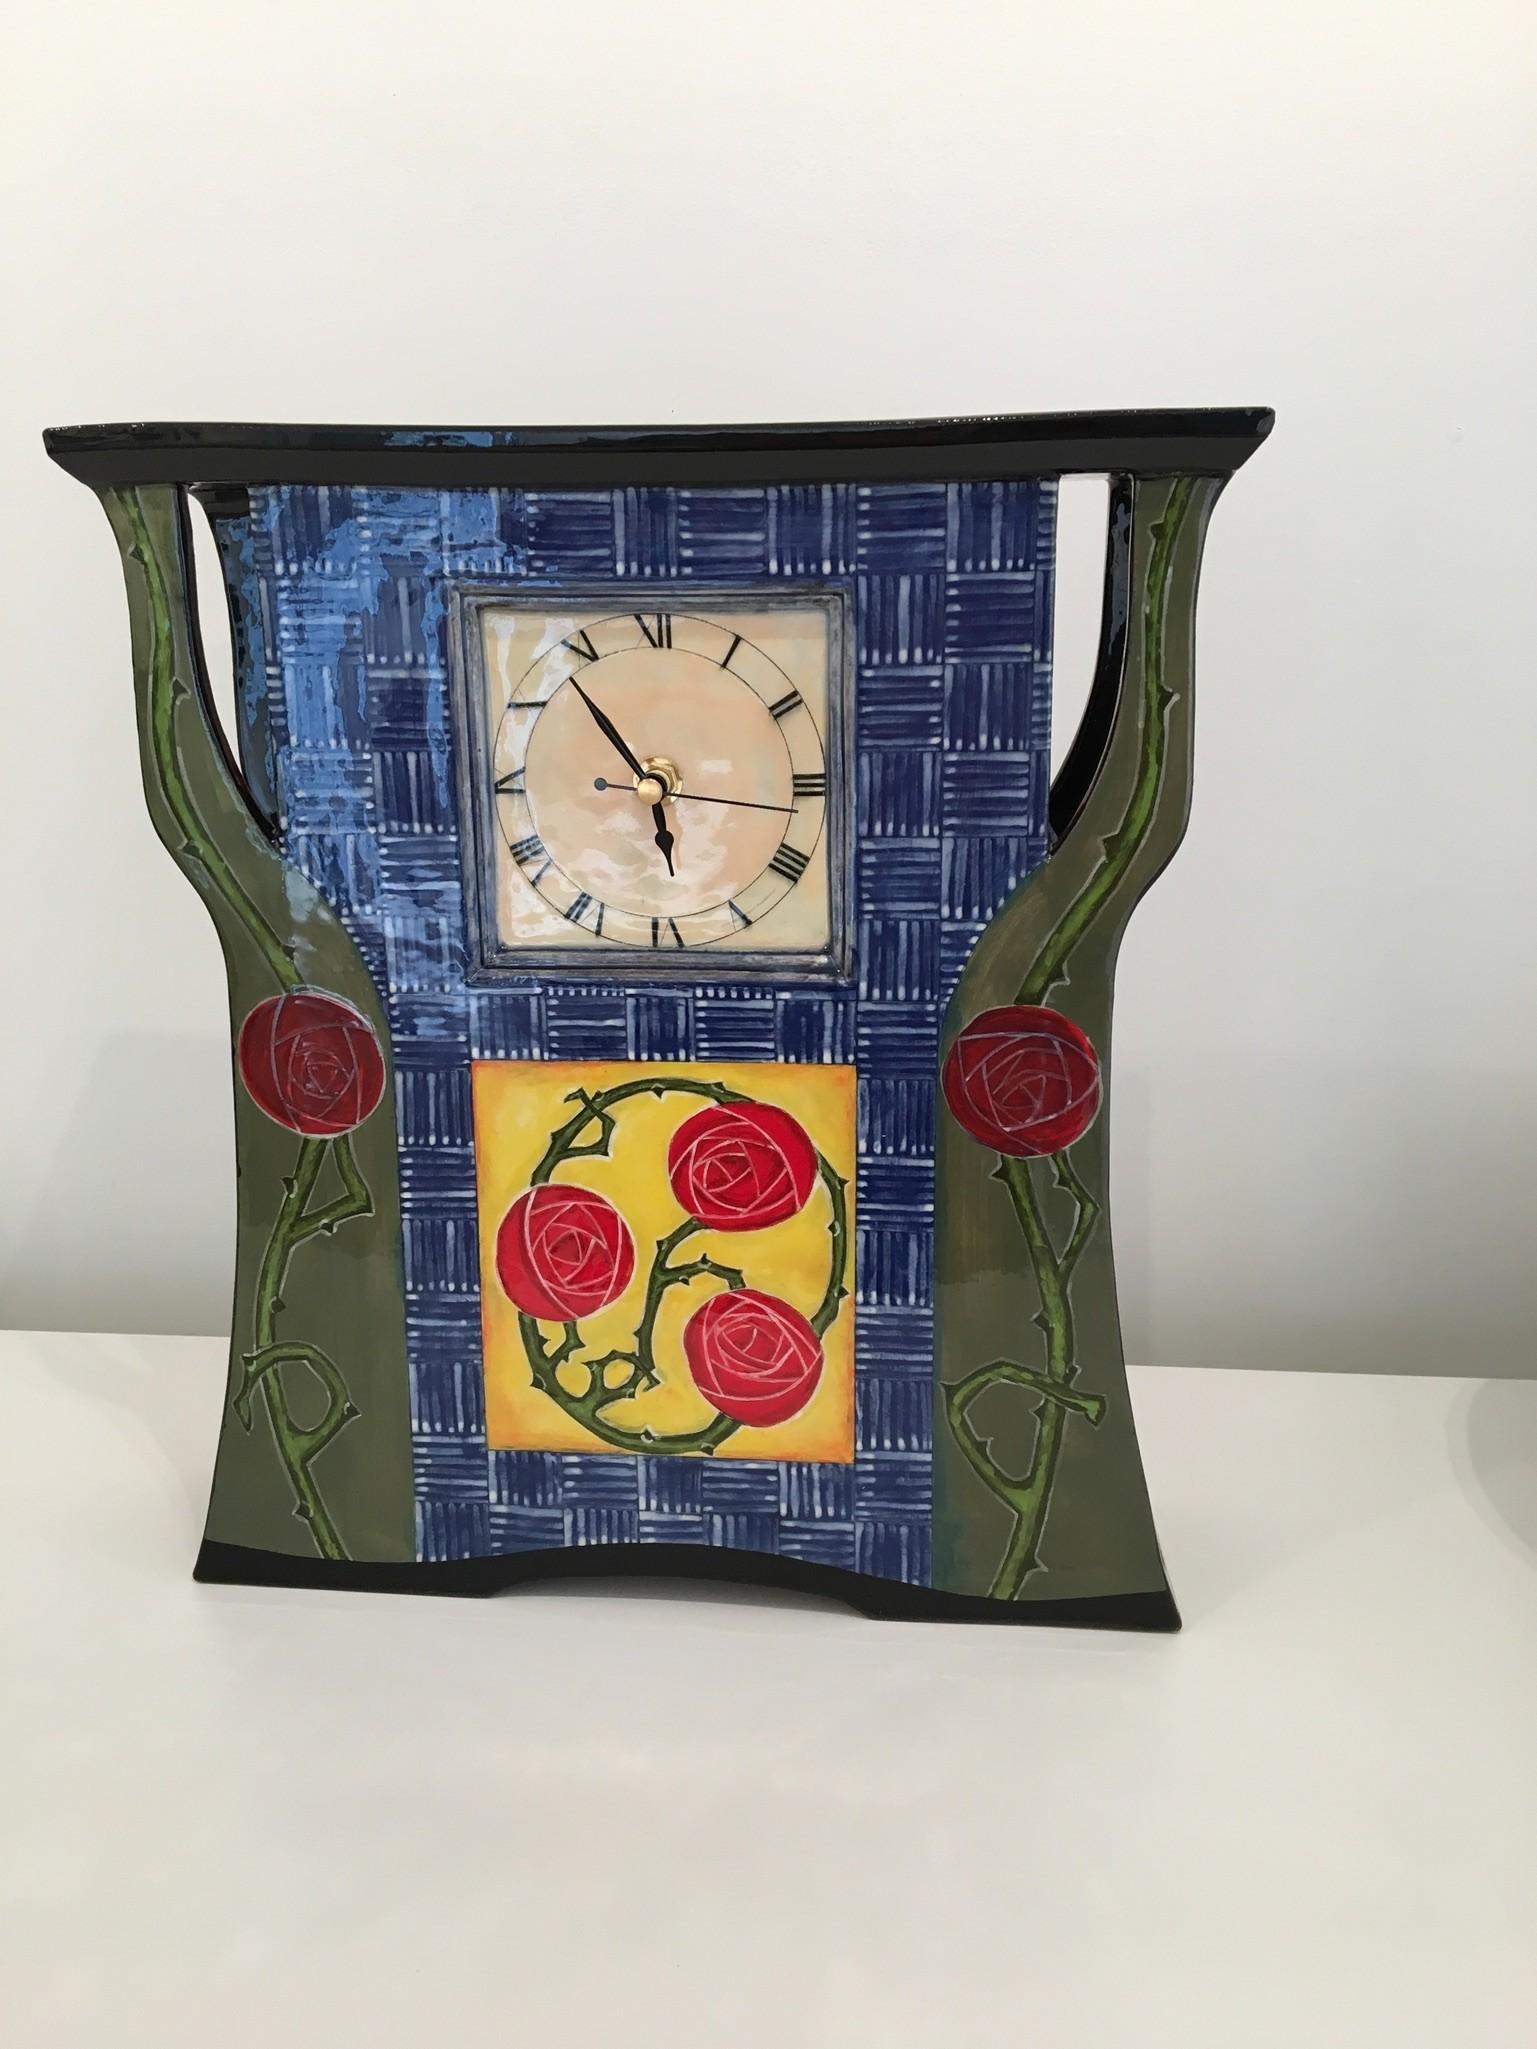 Ceramic Clock sculpture Arts and Crafts after William Morris